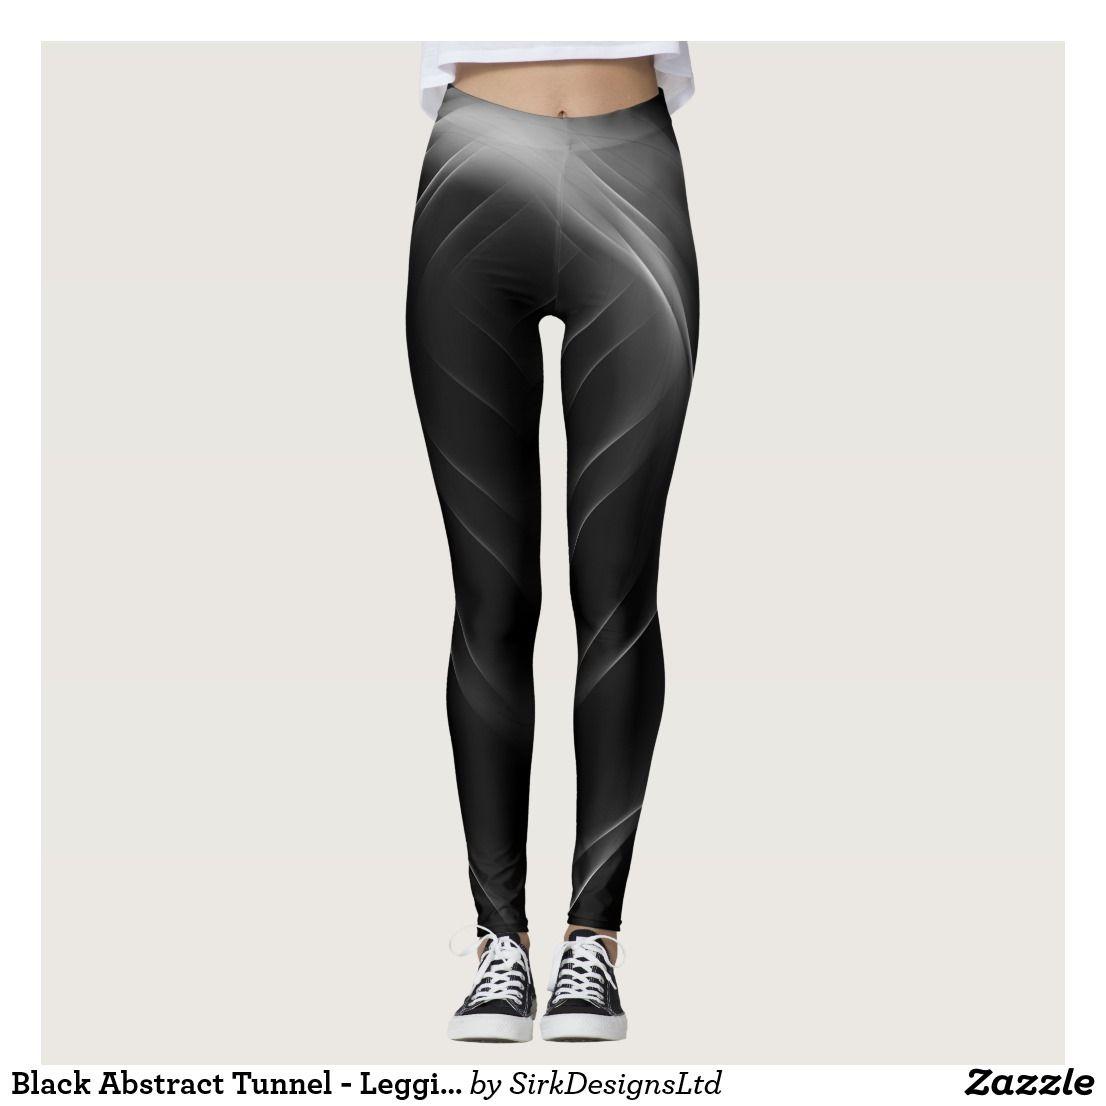 b414300393 Black Abstract Tunnel - Leggings   Leggings   Pinterest   Leggings, Black  abstract and Black